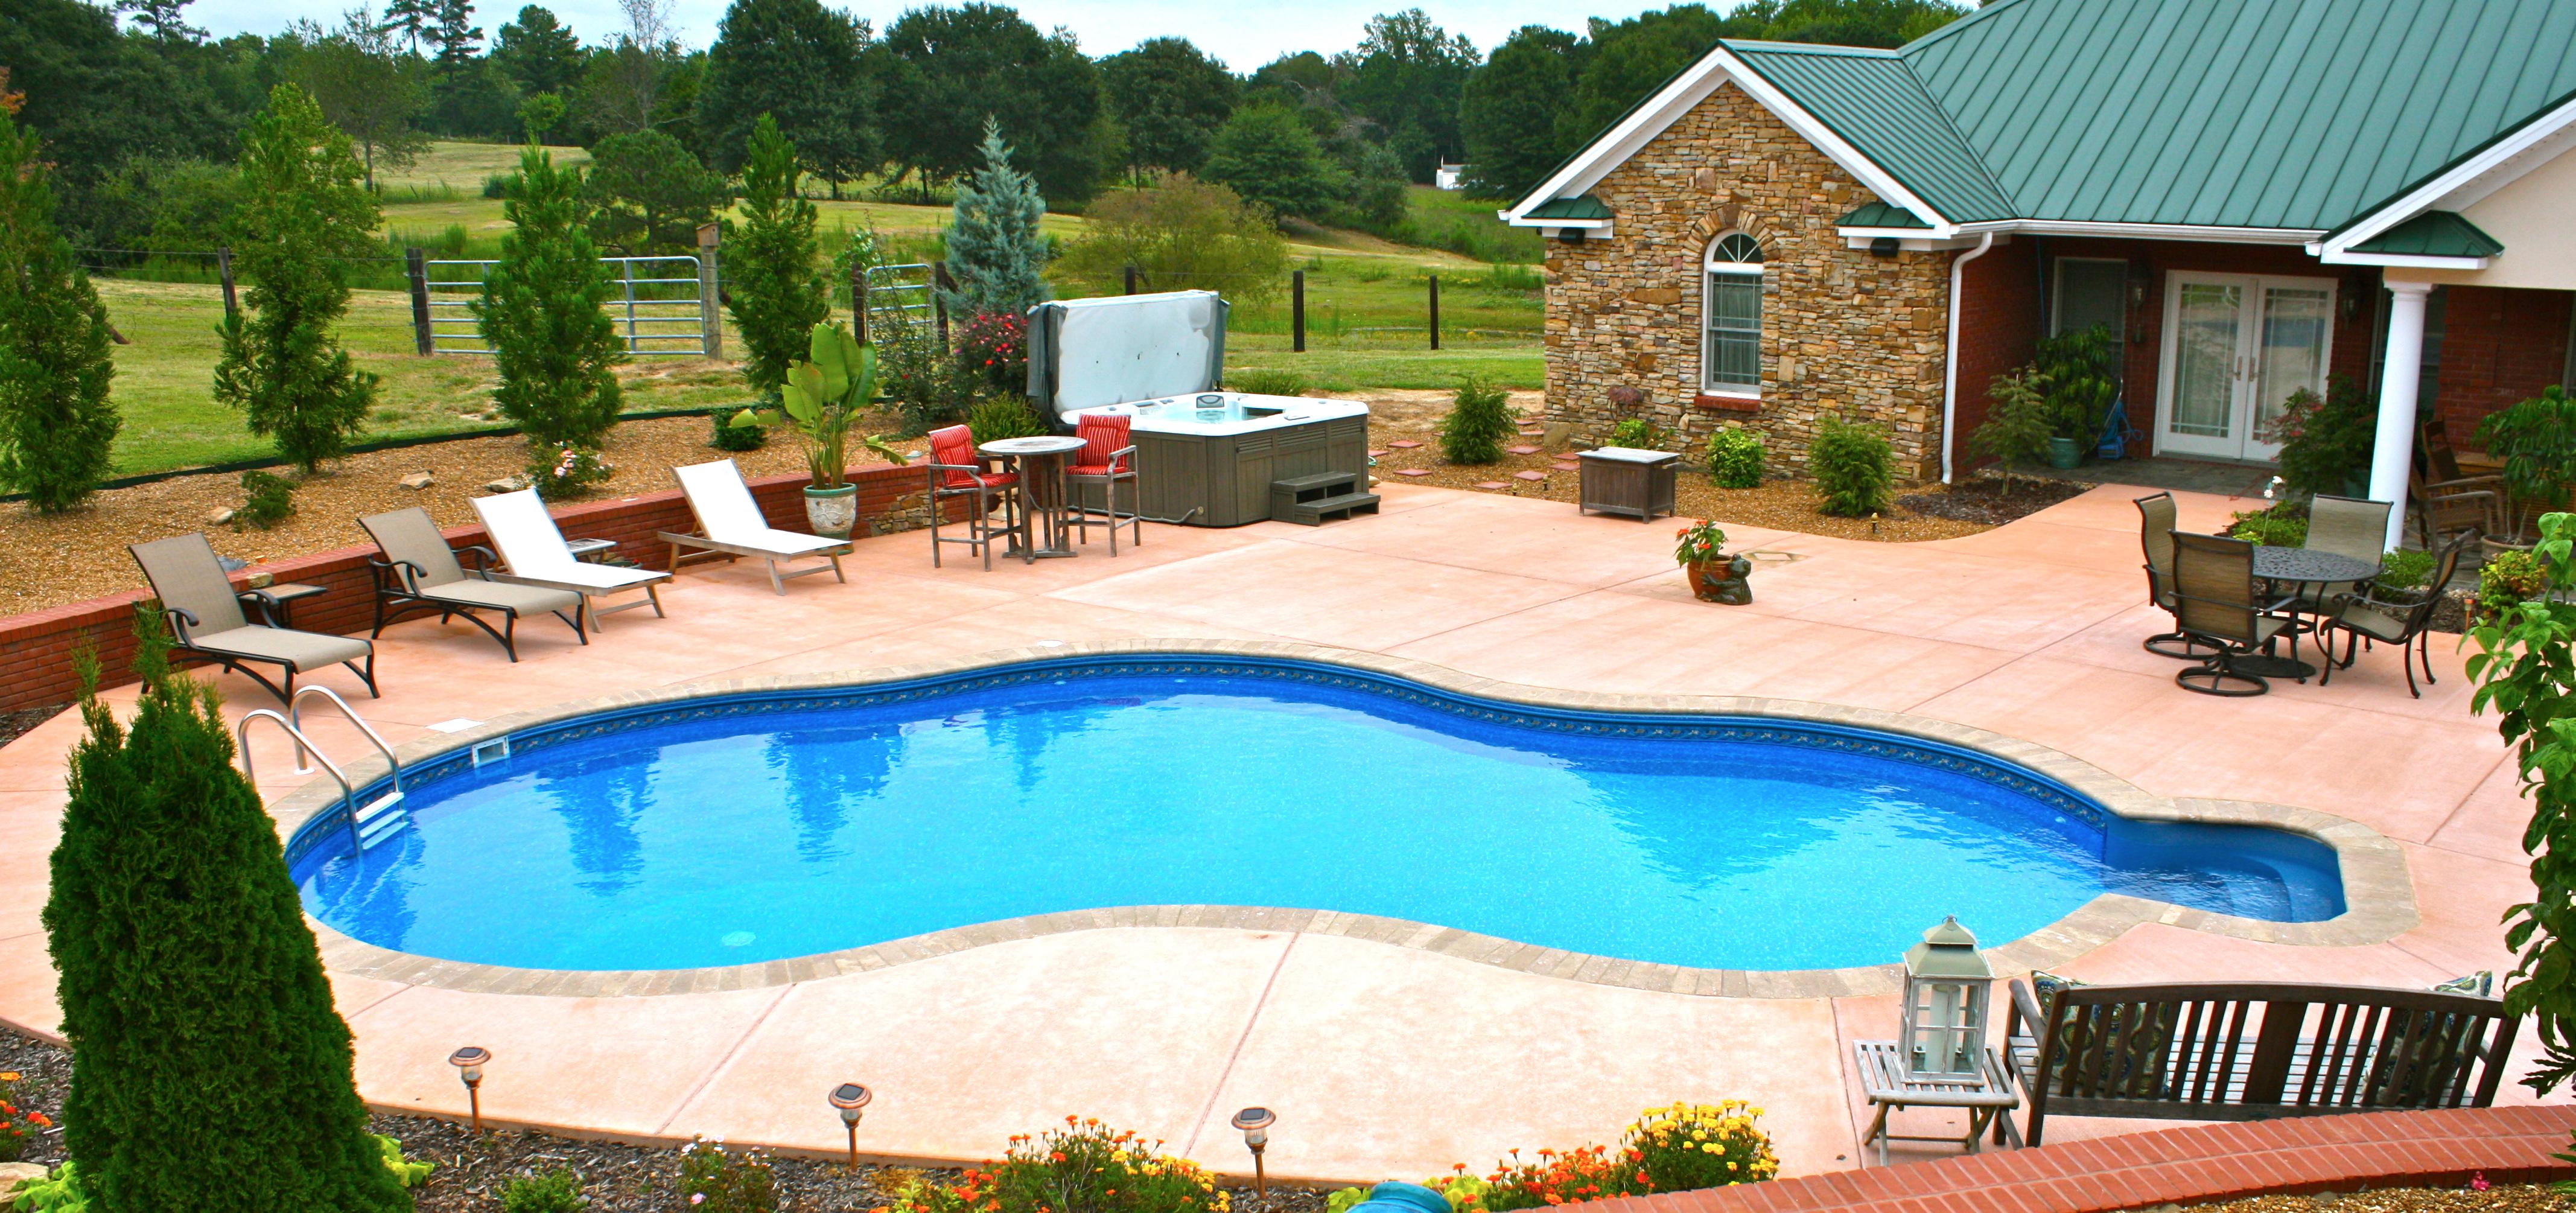 Patio Ideas For Pool Area